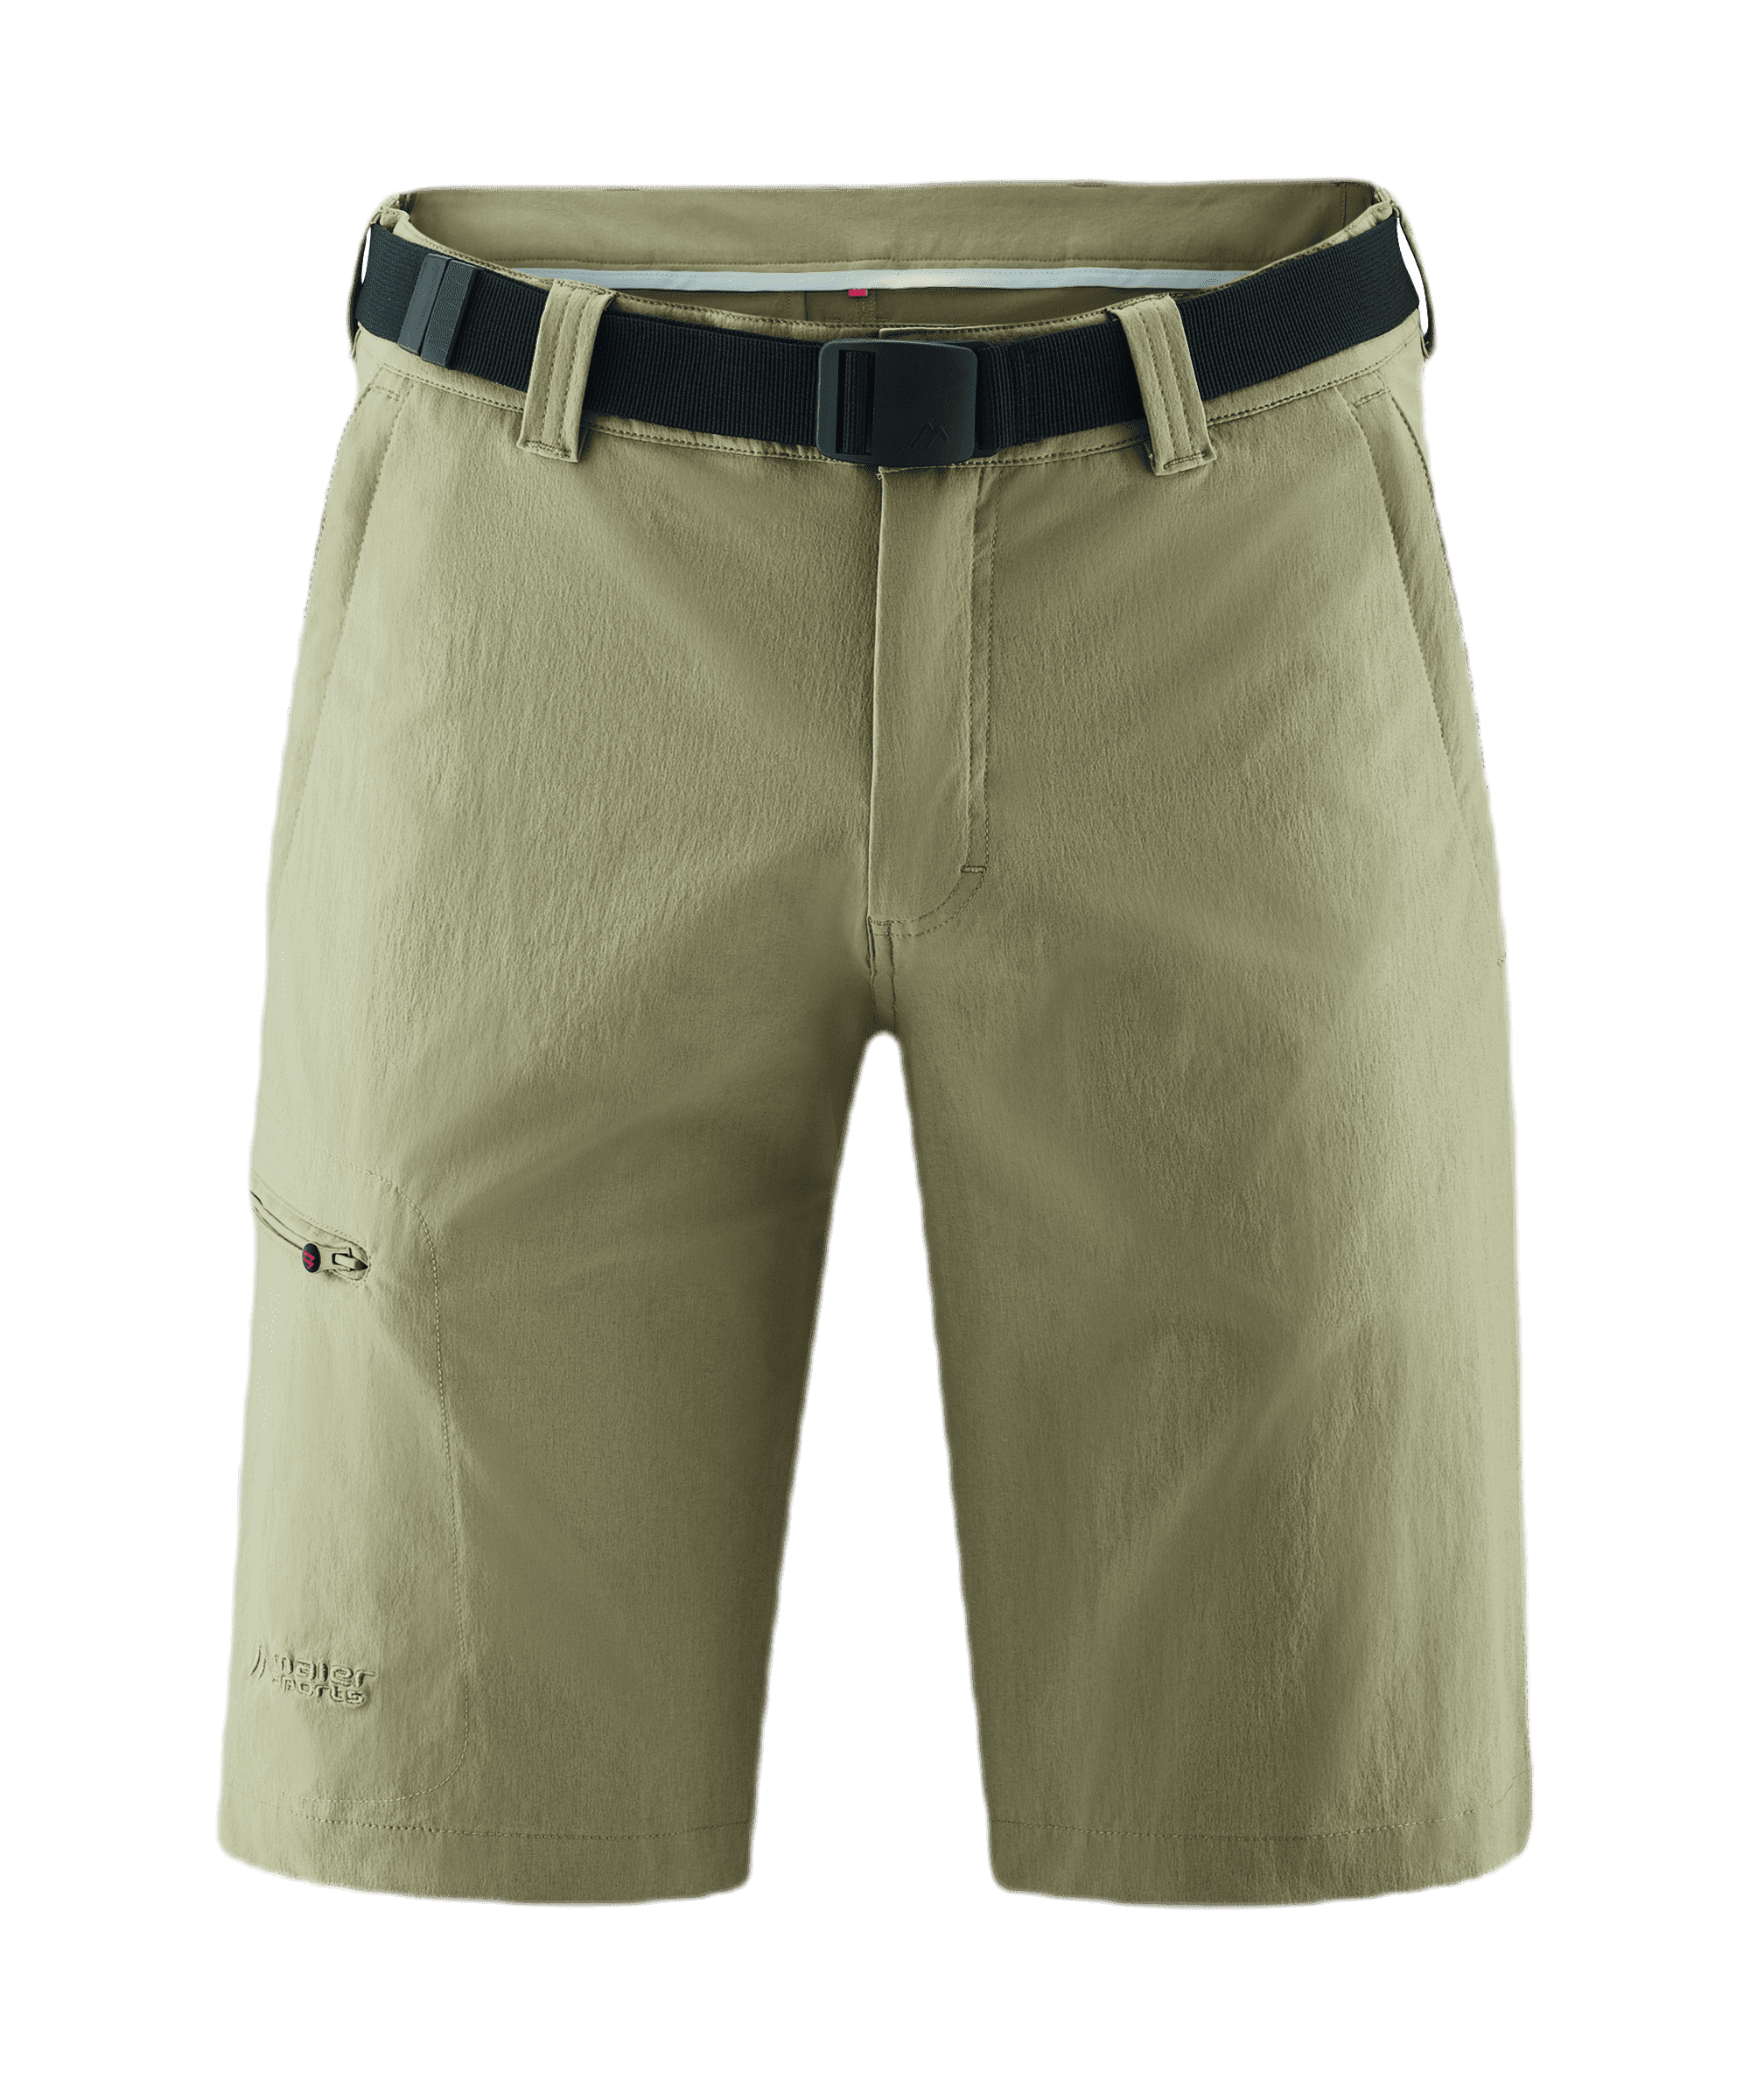 Huang bermuda korte broek